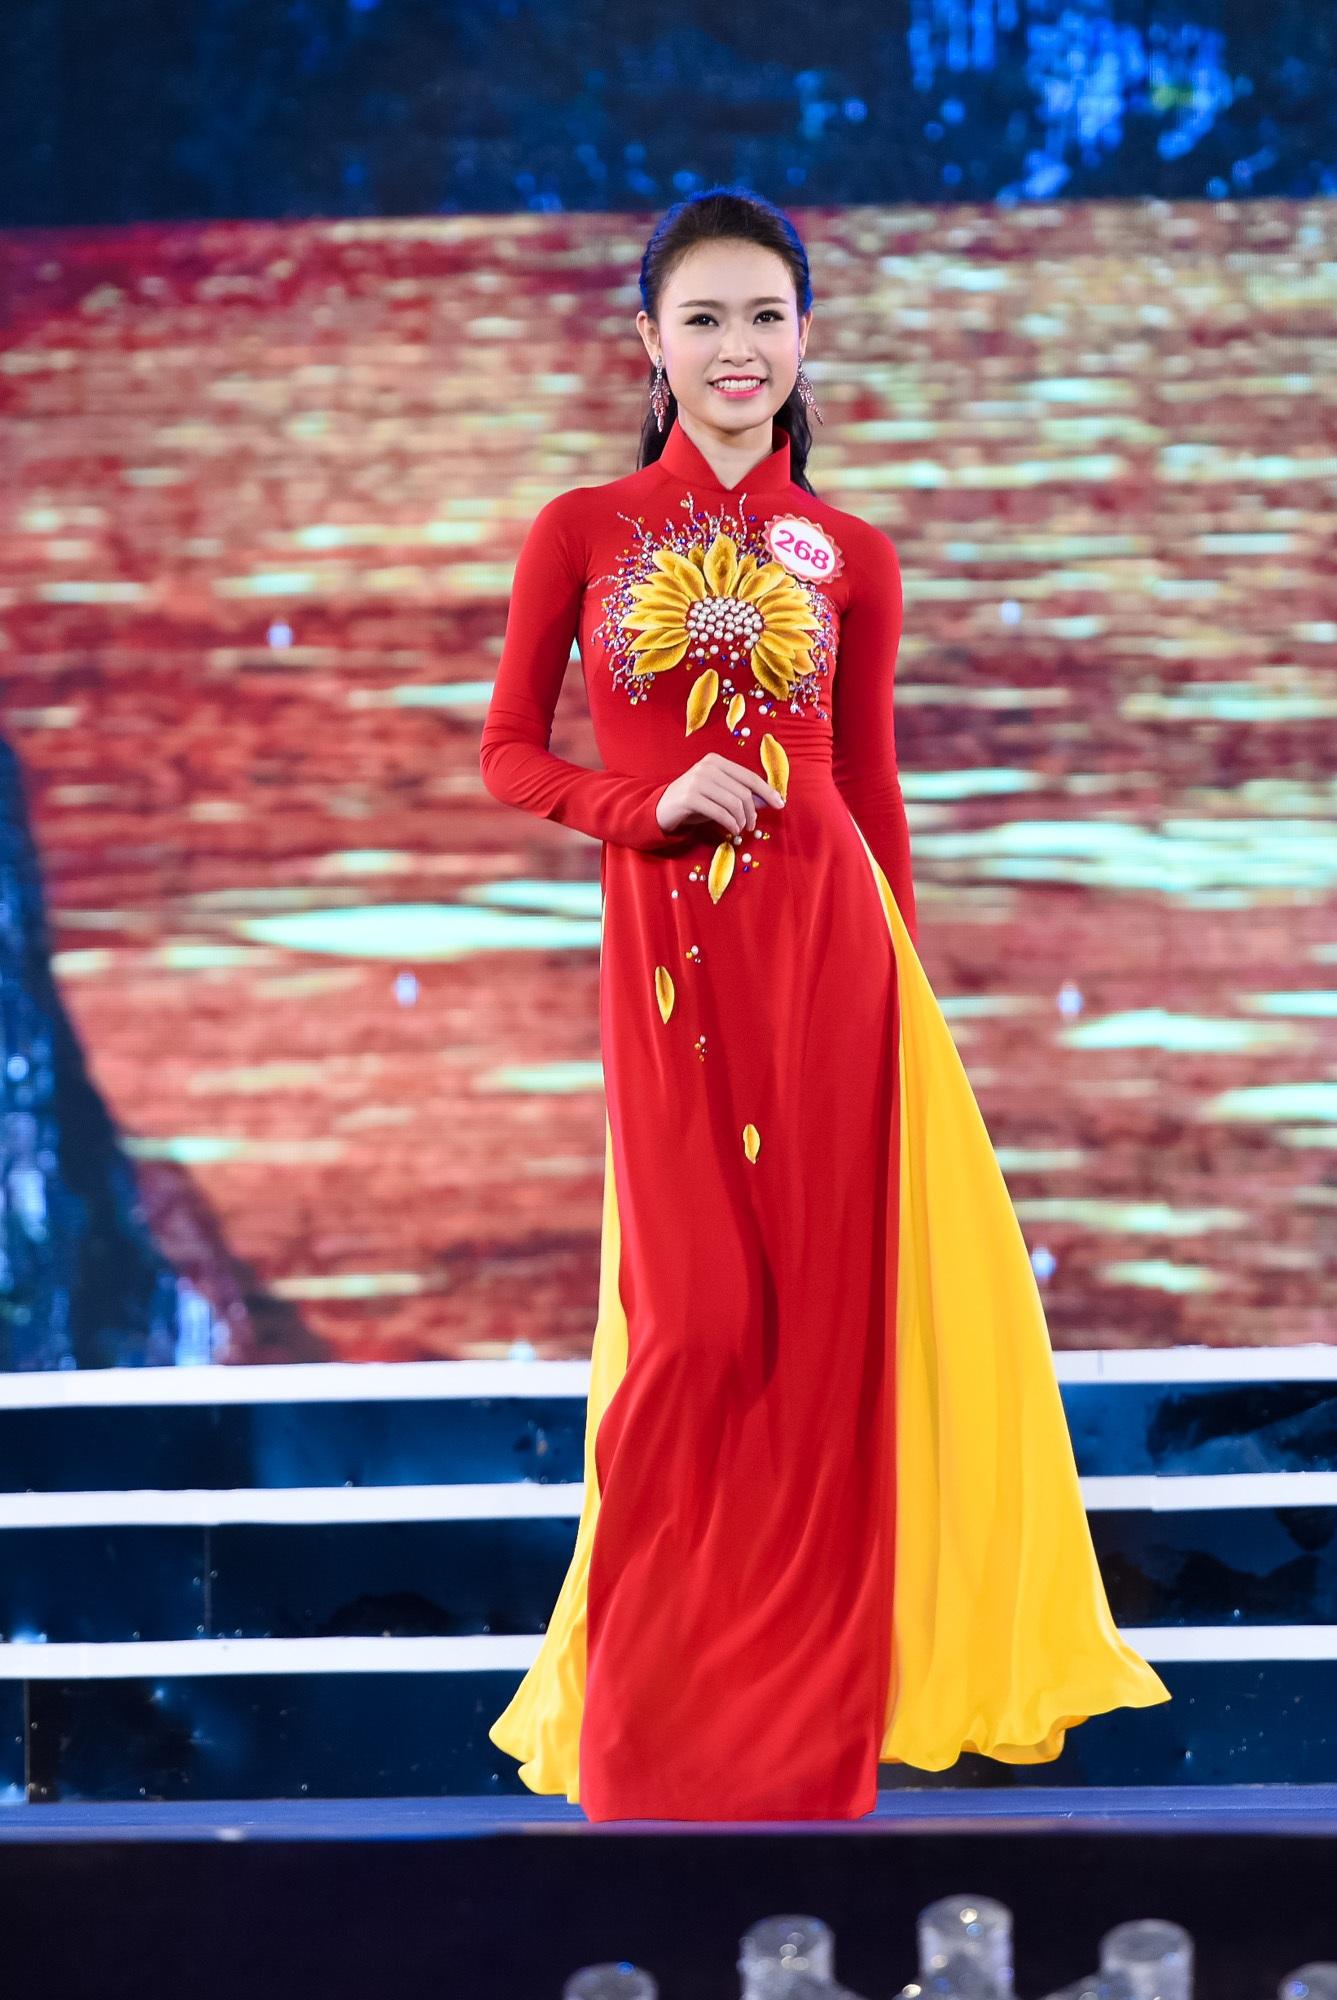 Trở về nước với giải thưởng danh giá, Ngọc Vân được nhận bằng khen của Bộ Giáo dục và Đào tạo, cùng chứng nhận tuyển thẳng vào các trường Đại học tại Việt Nam. Ngọc Vân đã quyết định chọn Khoa Kinh tế Đối ngoại của trường ĐH Ngoại thương, với mong muốn từ đây, cô sẽ có nhiều điều kiện học tập, phát triển và đóng góp nhiều hơn cho ngành xuất nhập khẩu của đất nước.